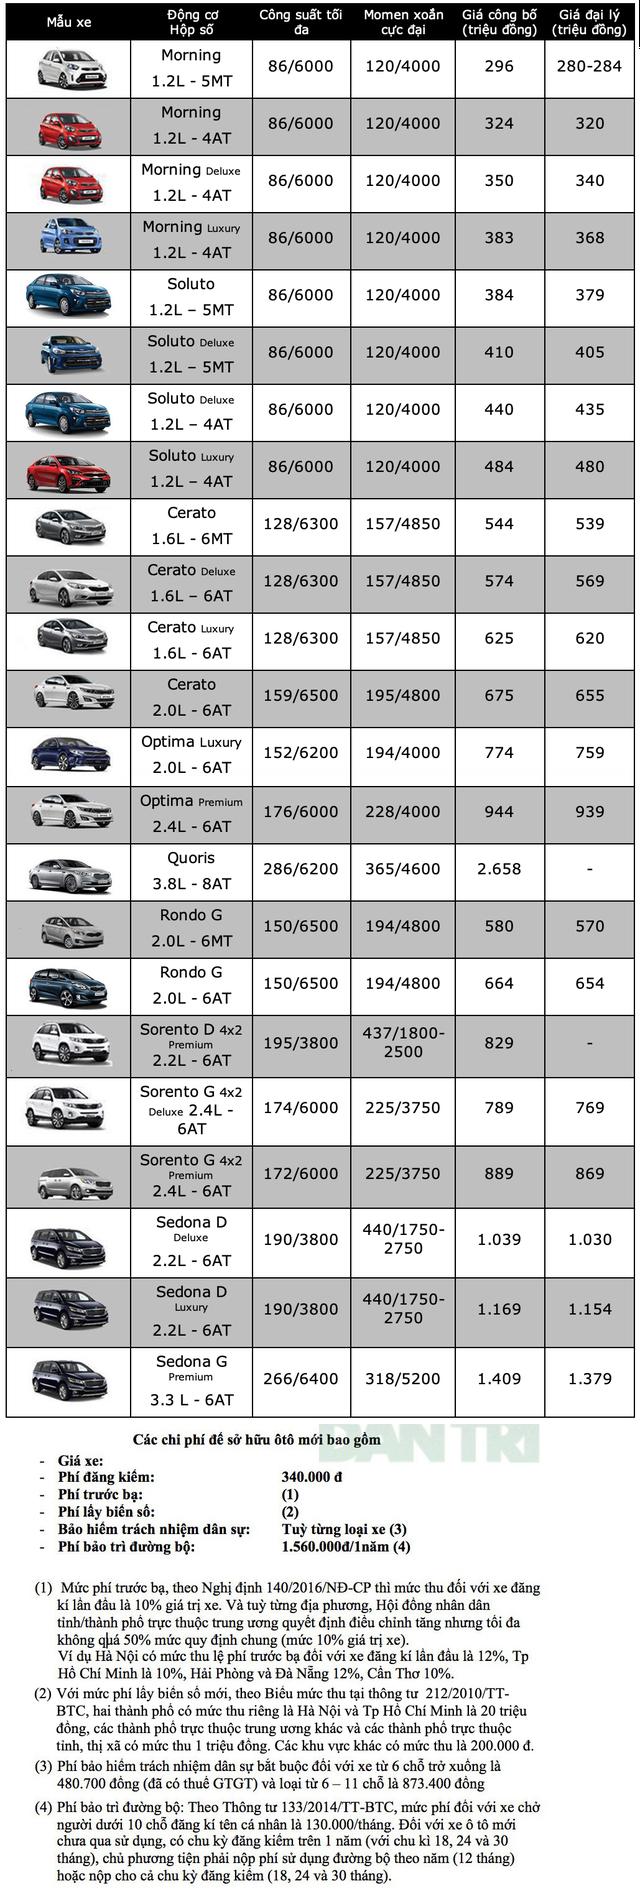 Bảng giá KIA tháng 6/2020 - 1